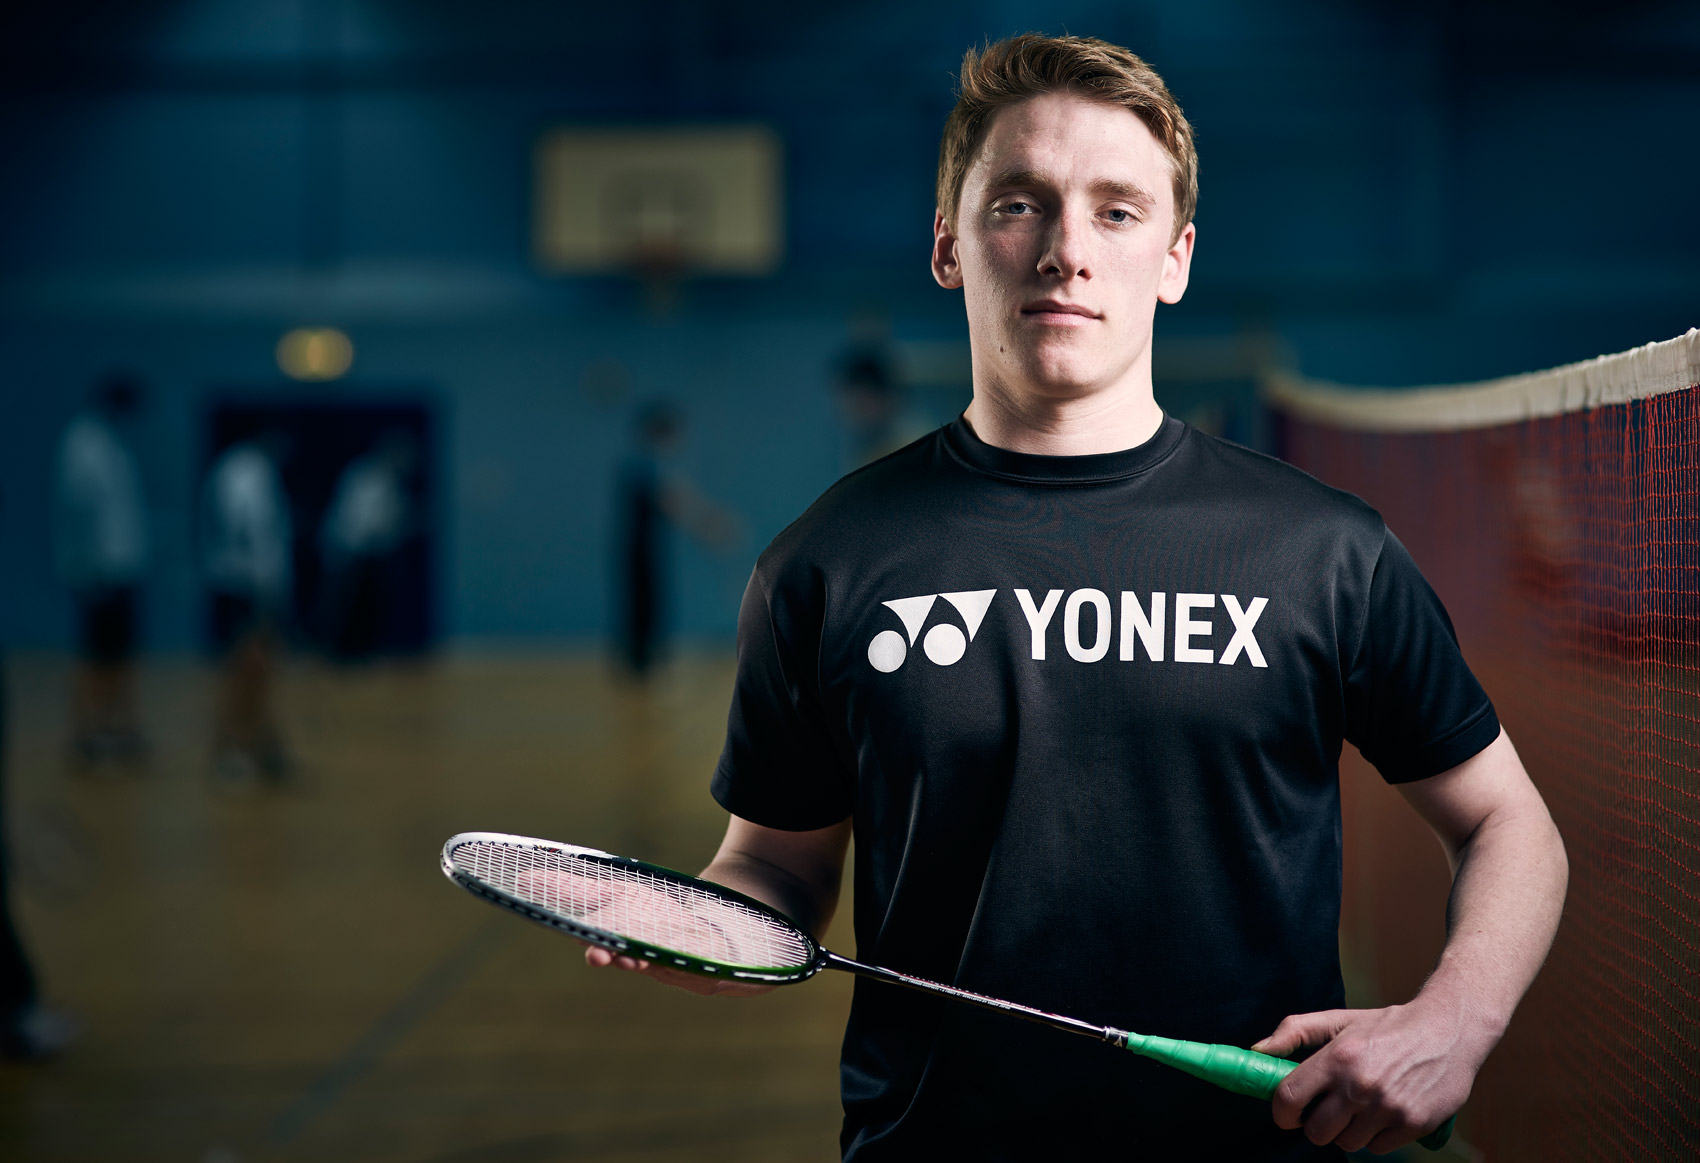 Badminton player portrait